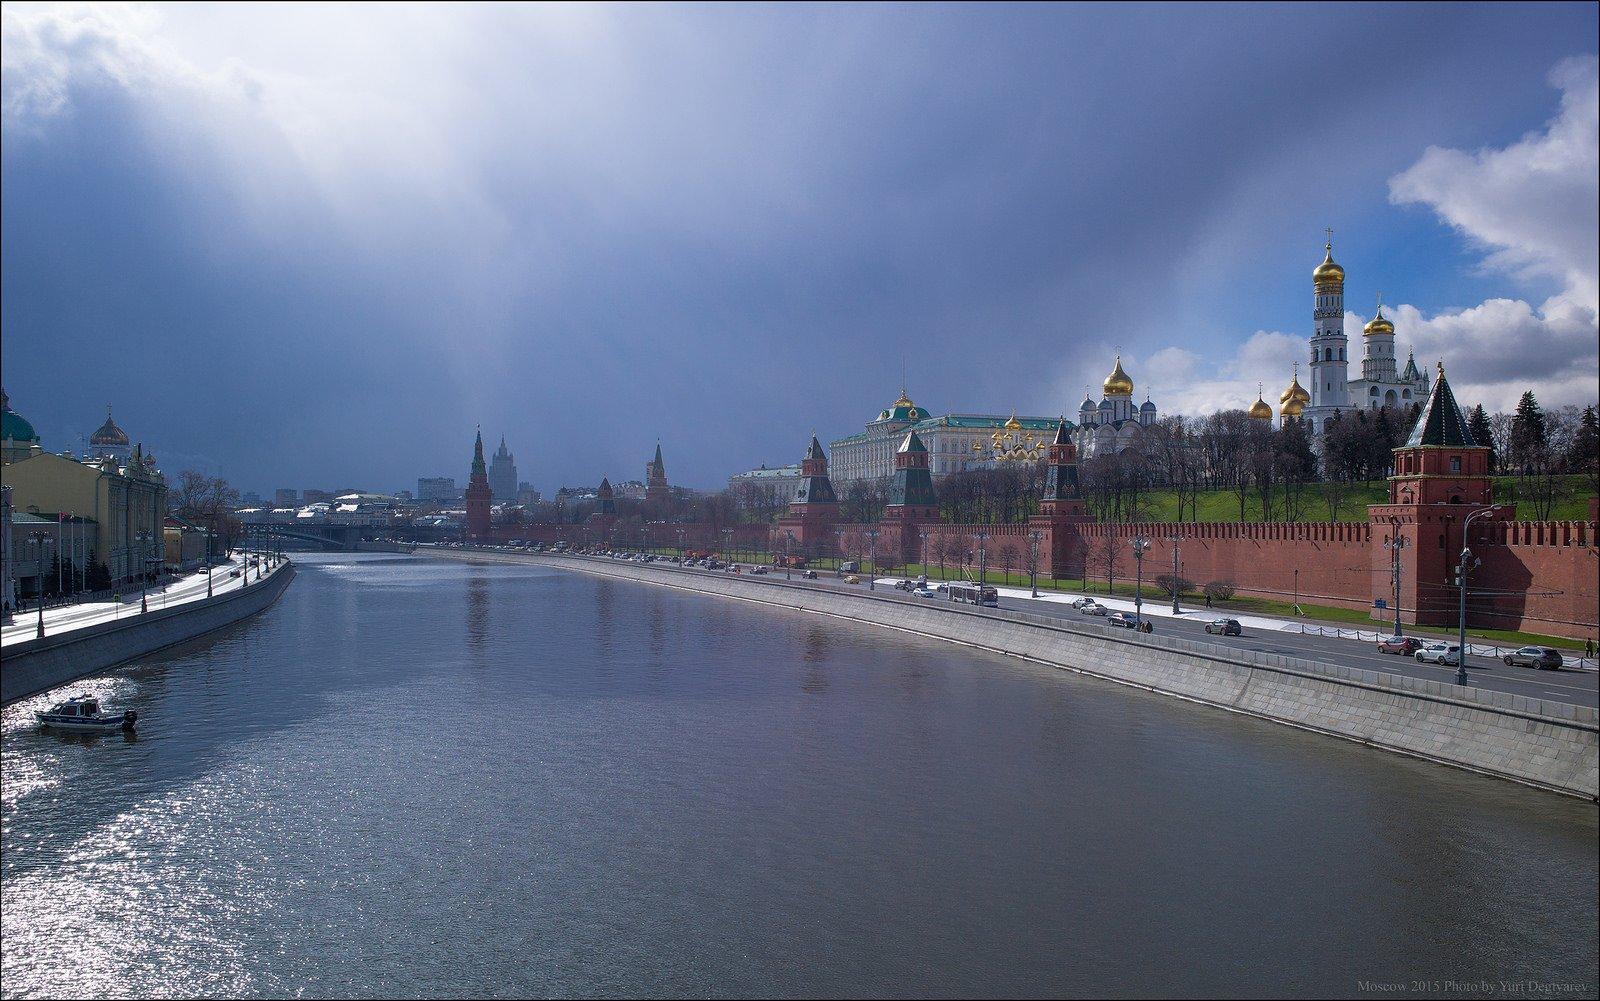 город, колокольня, кремль, москва, река, снегопад, солнце, туча, Юрий Дегтярёв